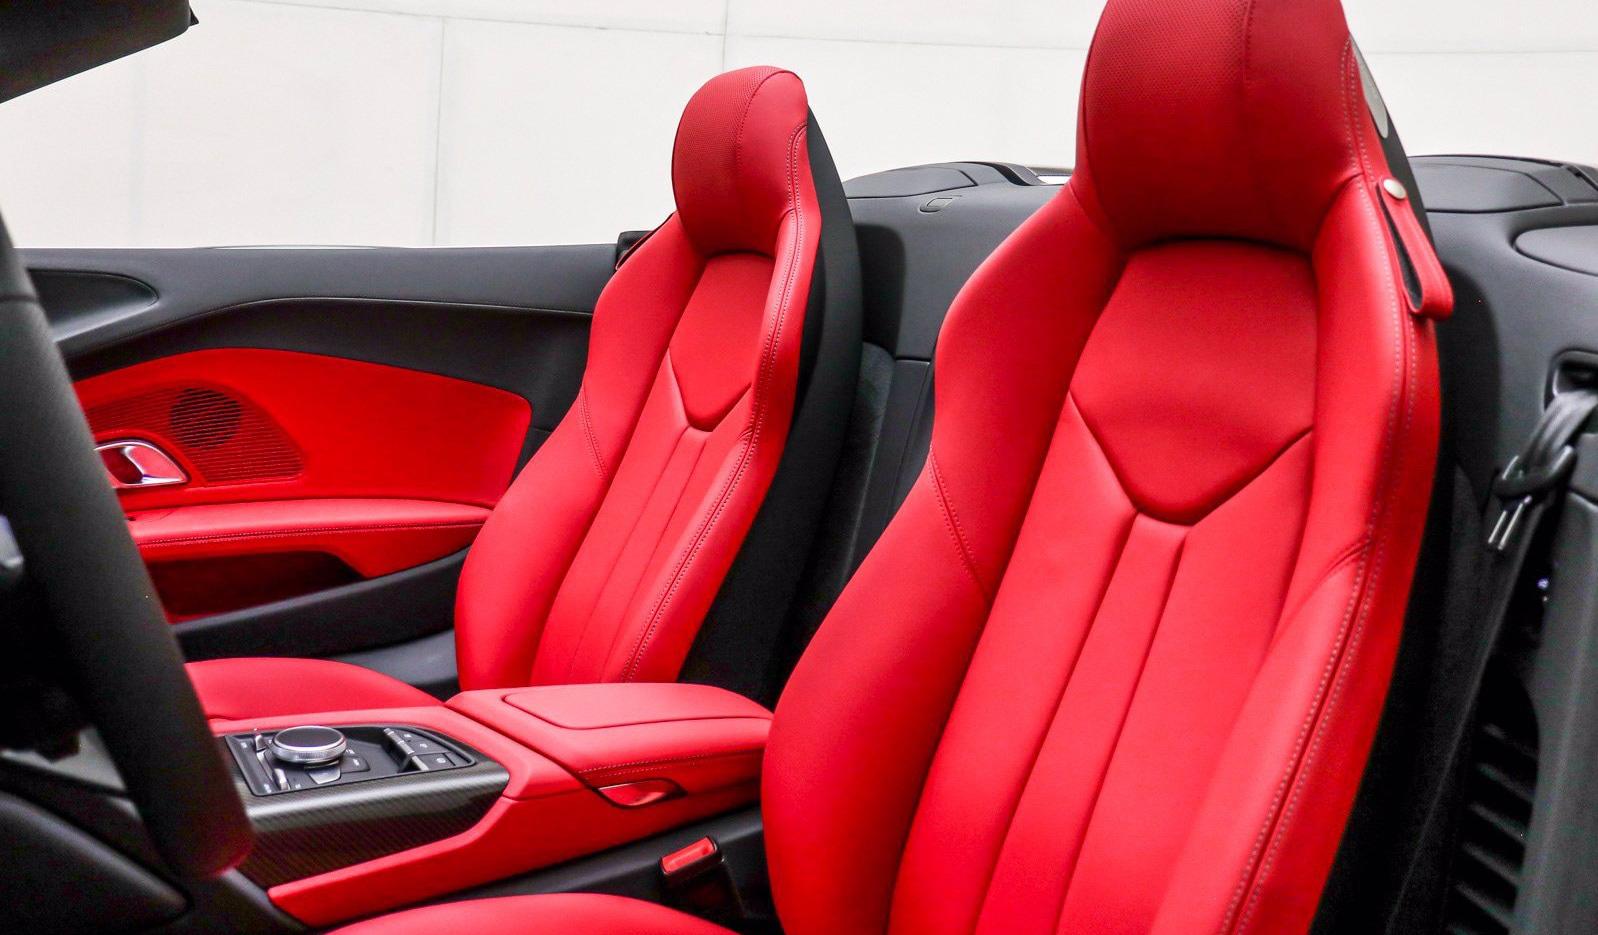 Audi R8 Spyder 2021 chào hàng đại gia Việt Nam kèm mức giá 'rẻ bất ngờ' 7